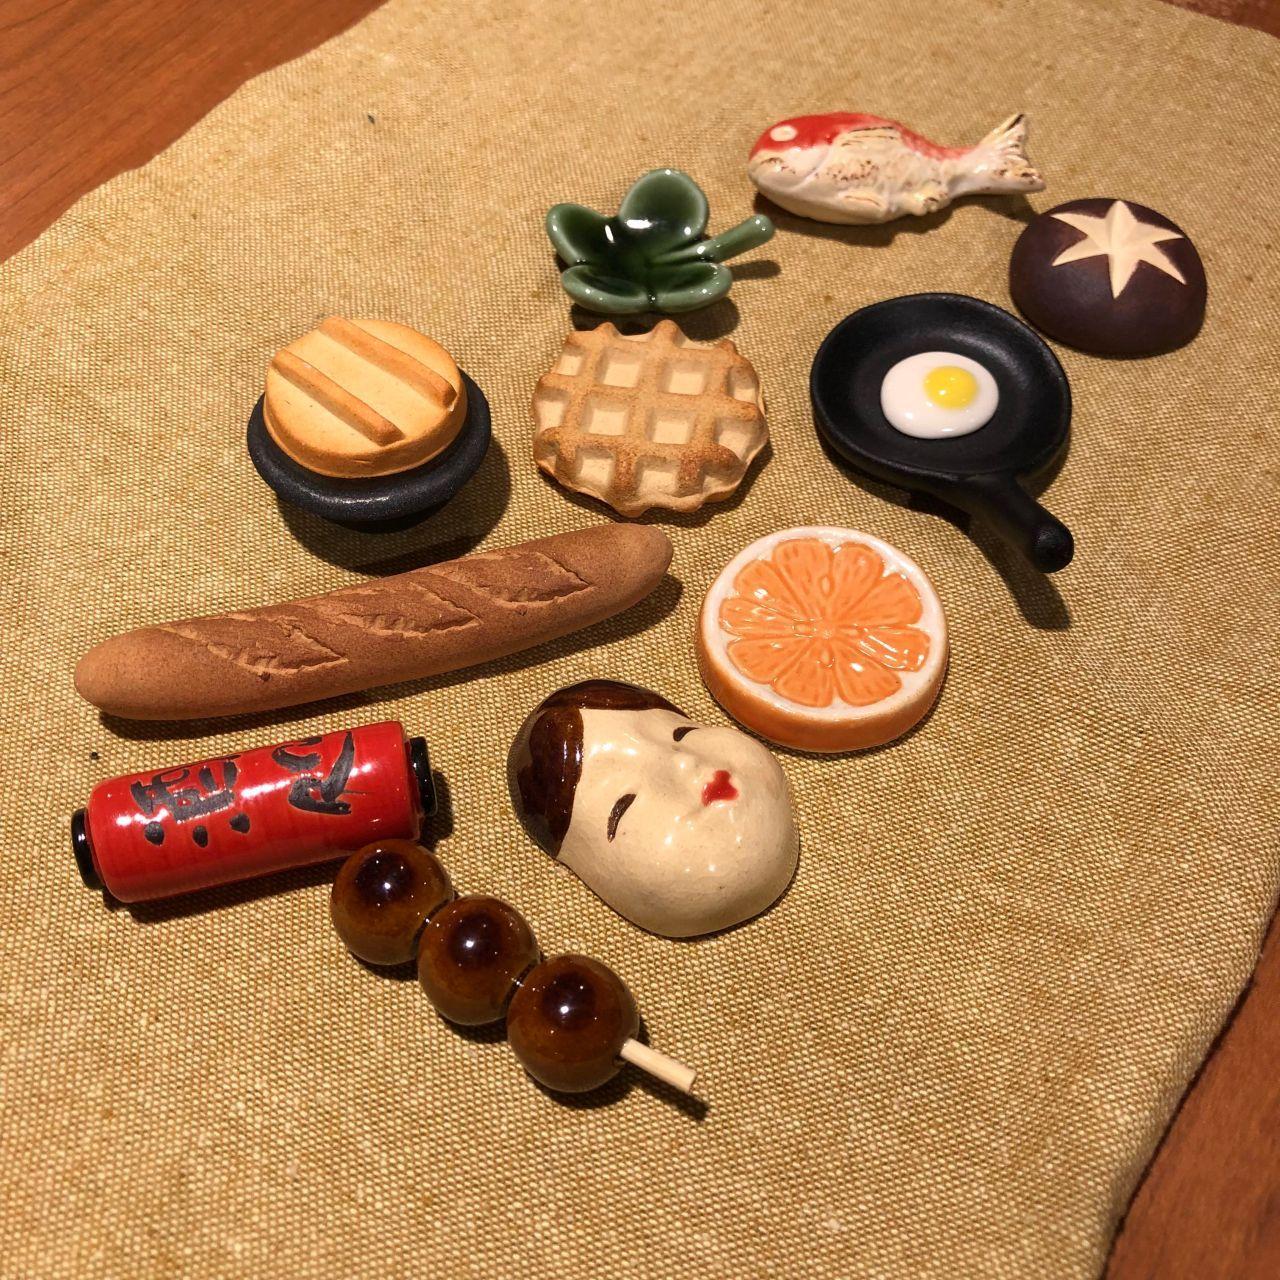 「食卓のおともに♡」の写真